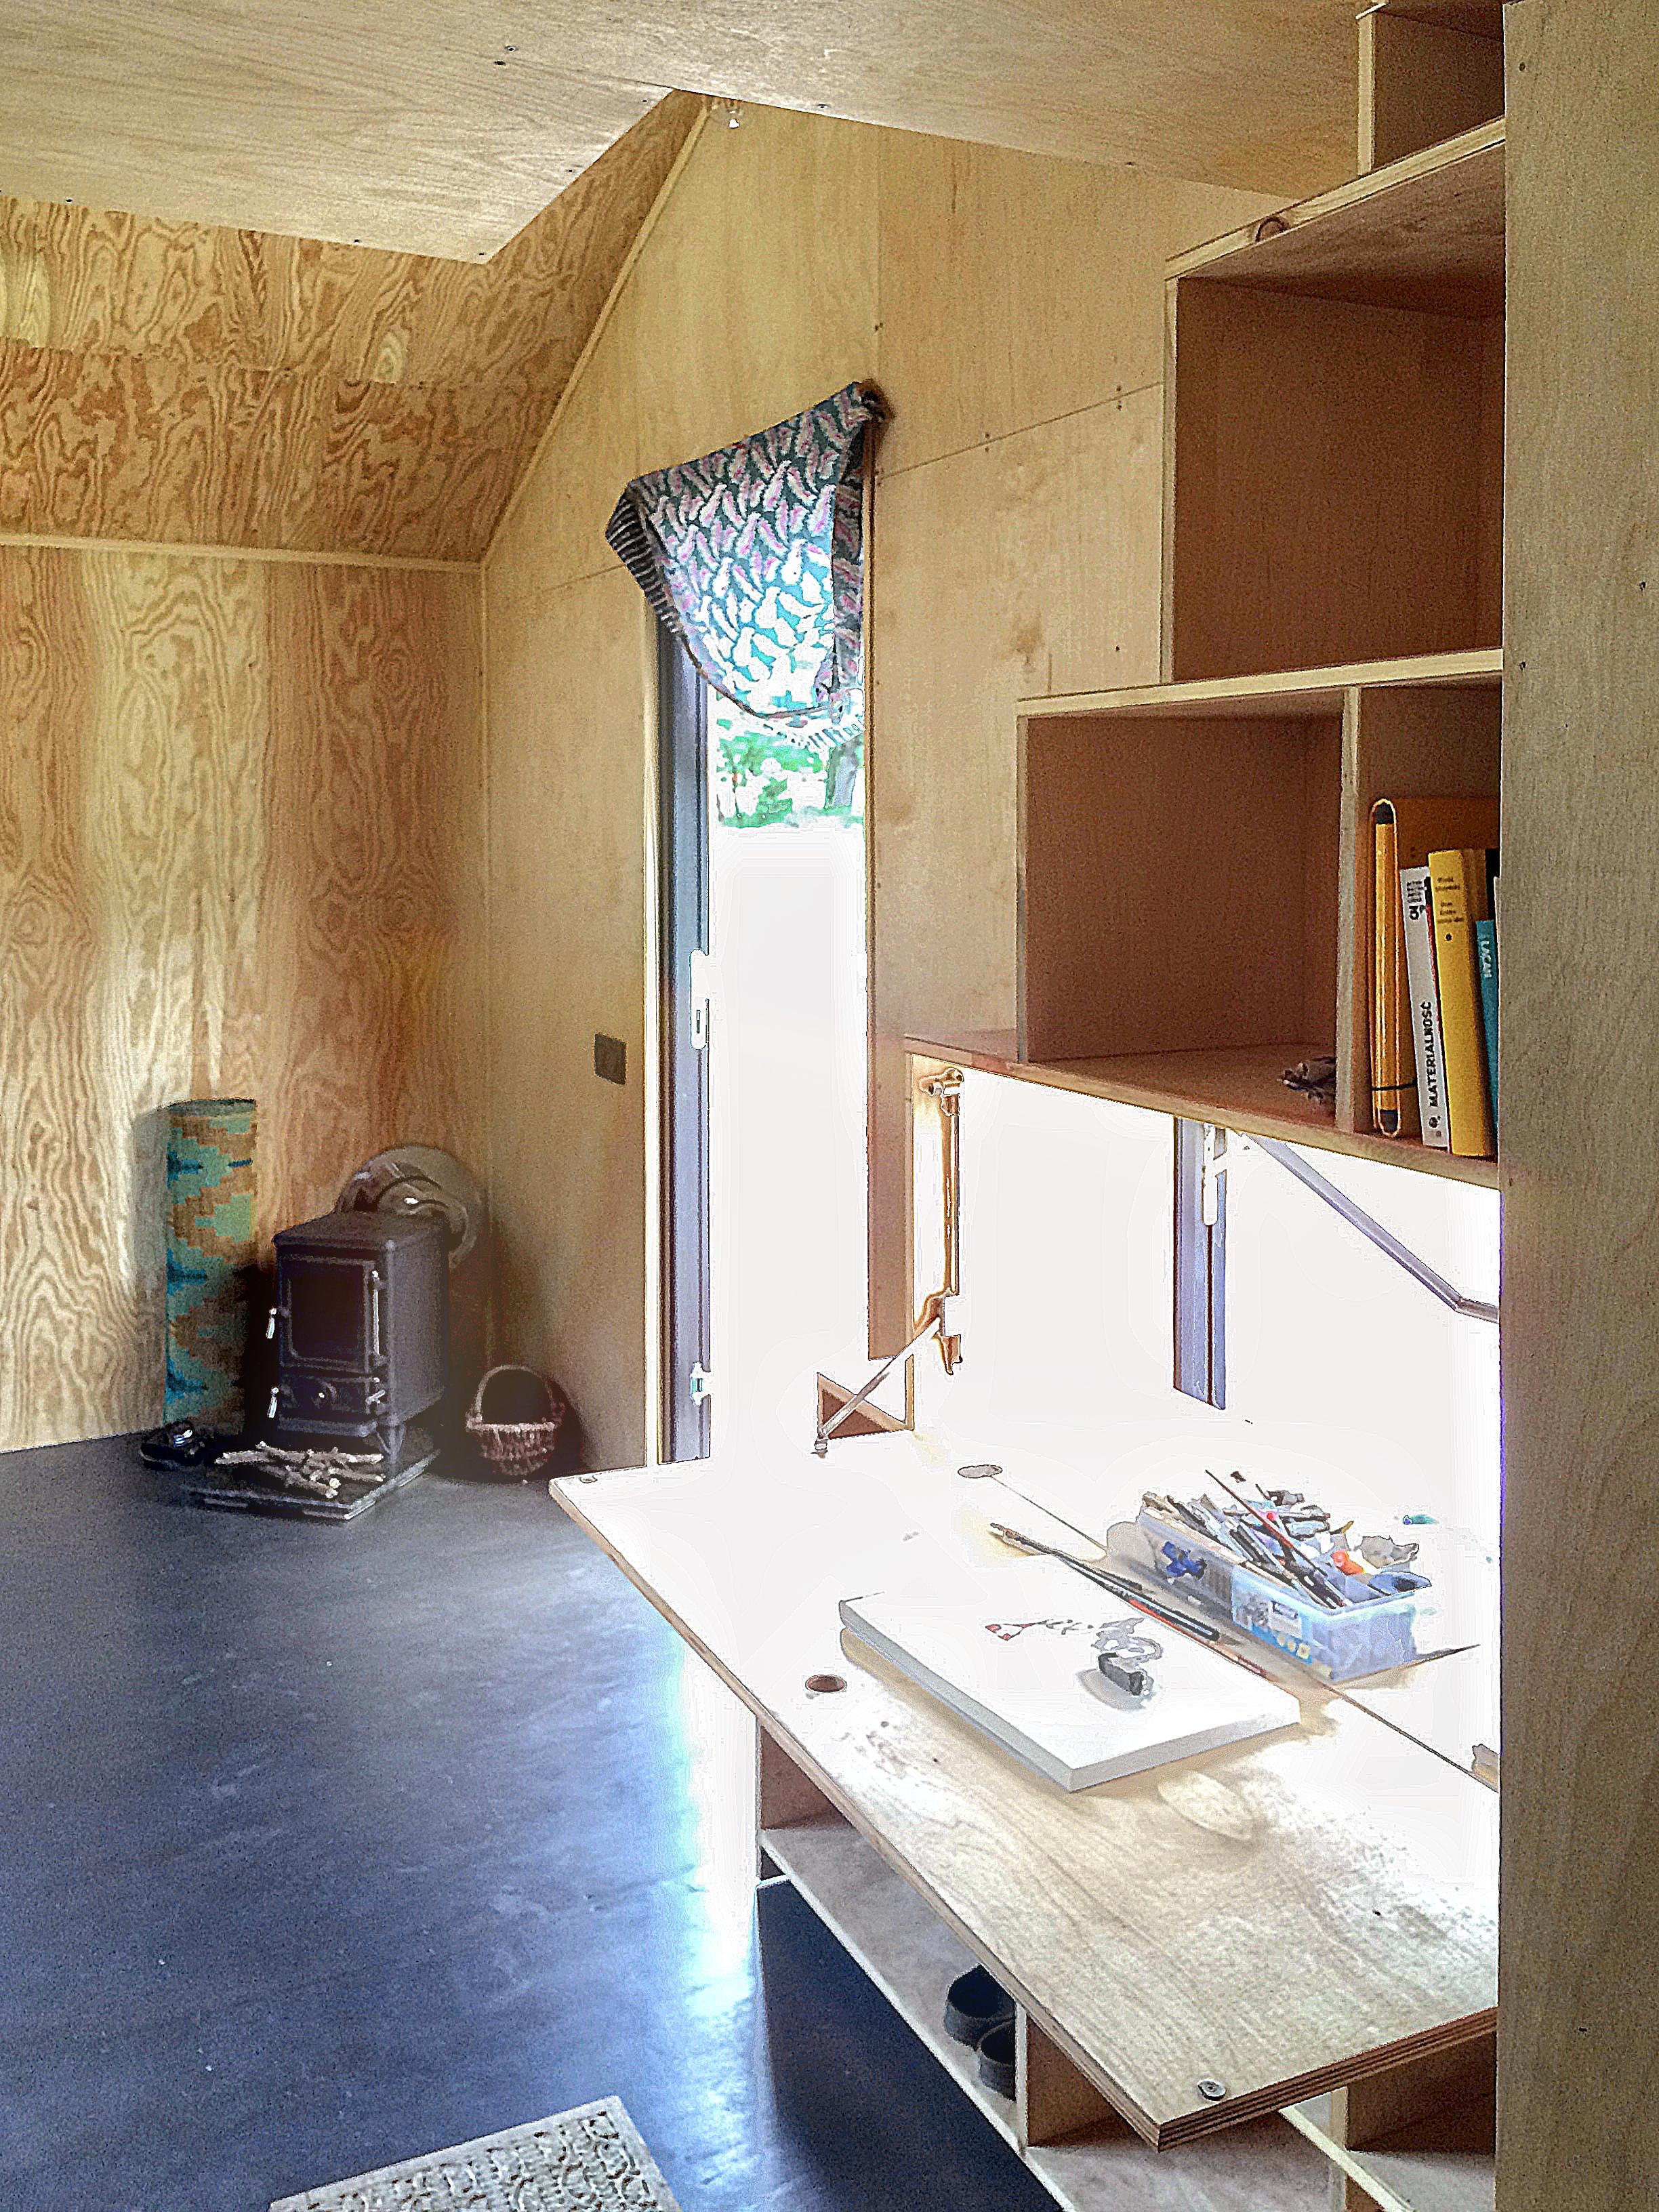 Przestrzeń w domach Redukt można dowolnie zaaranżować.